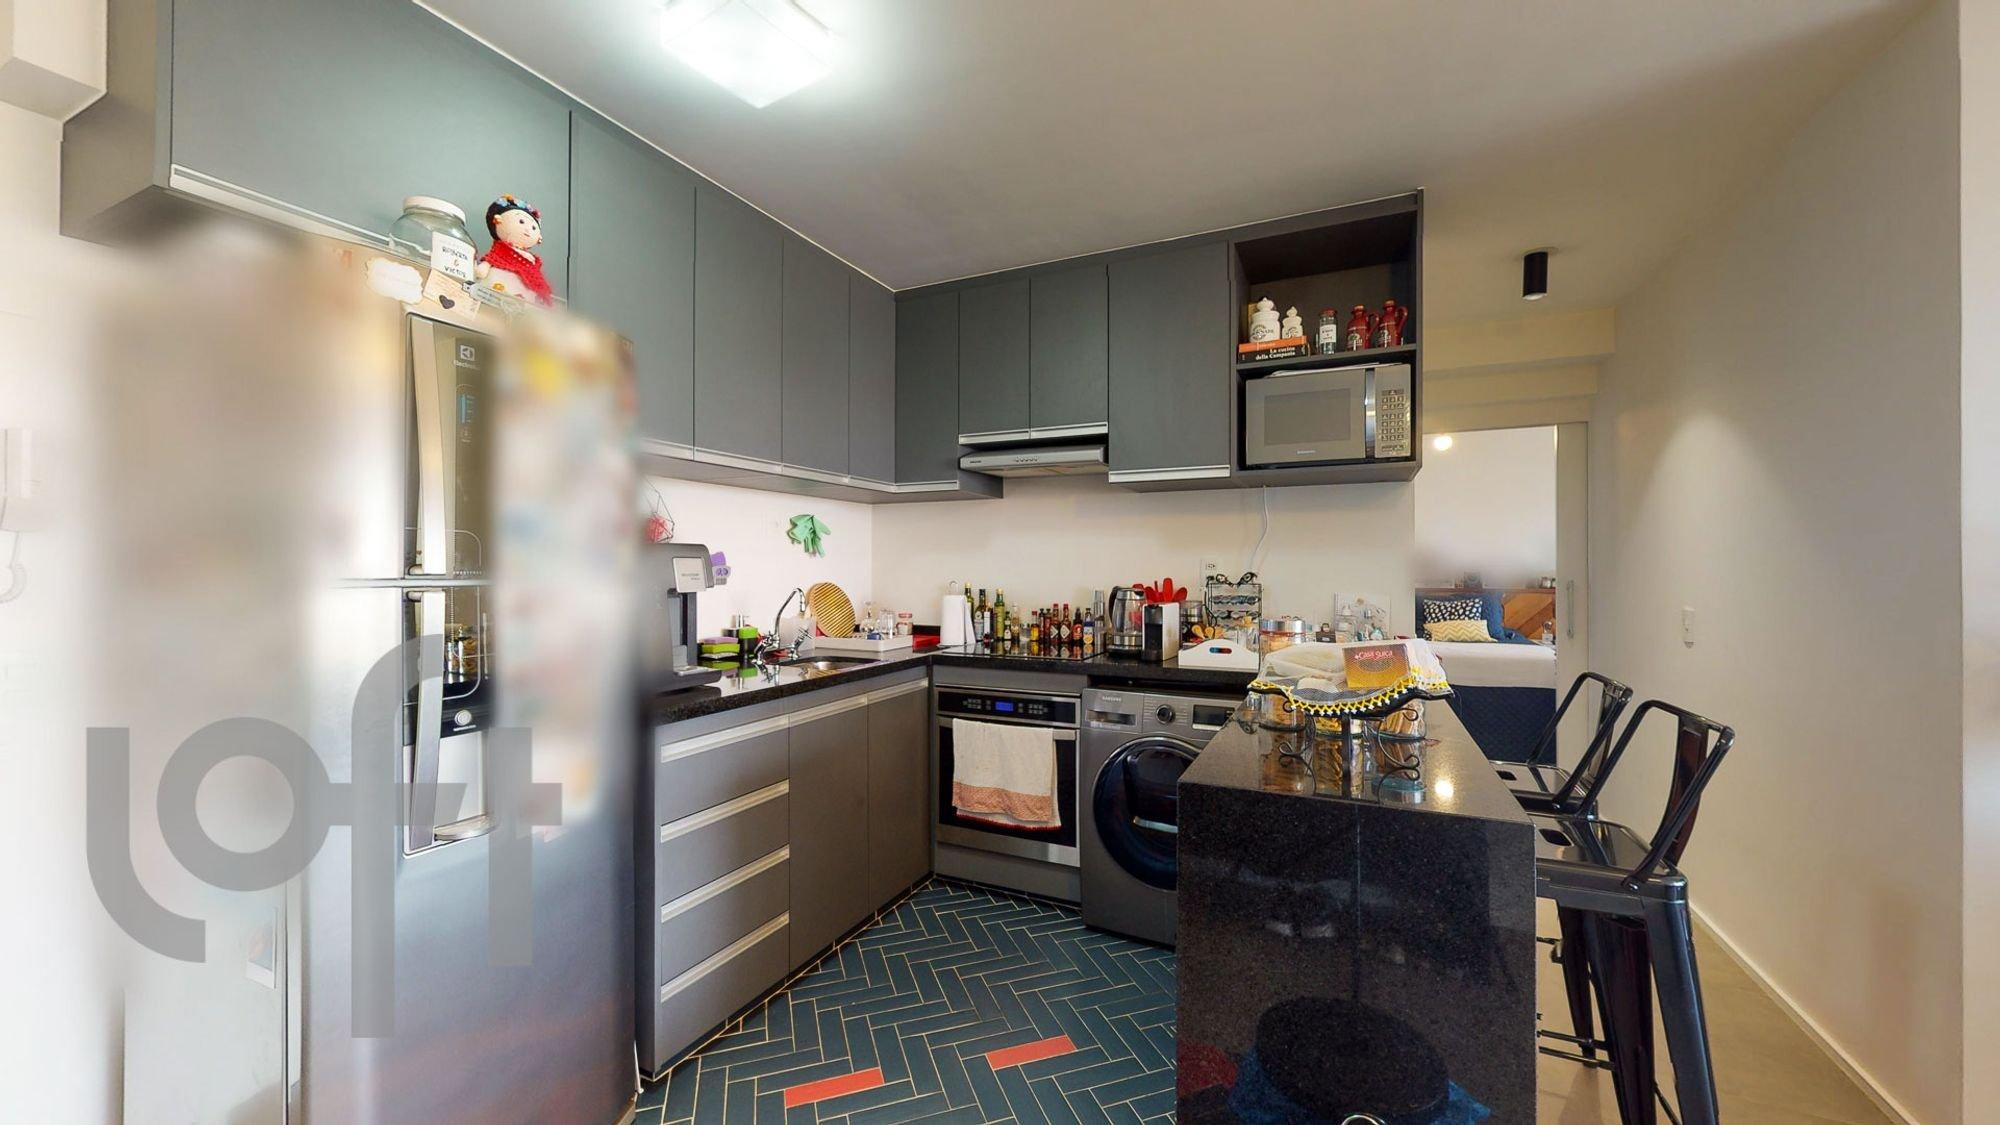 Foto de Cozinha com forno, pessoa, cadeira, microondas